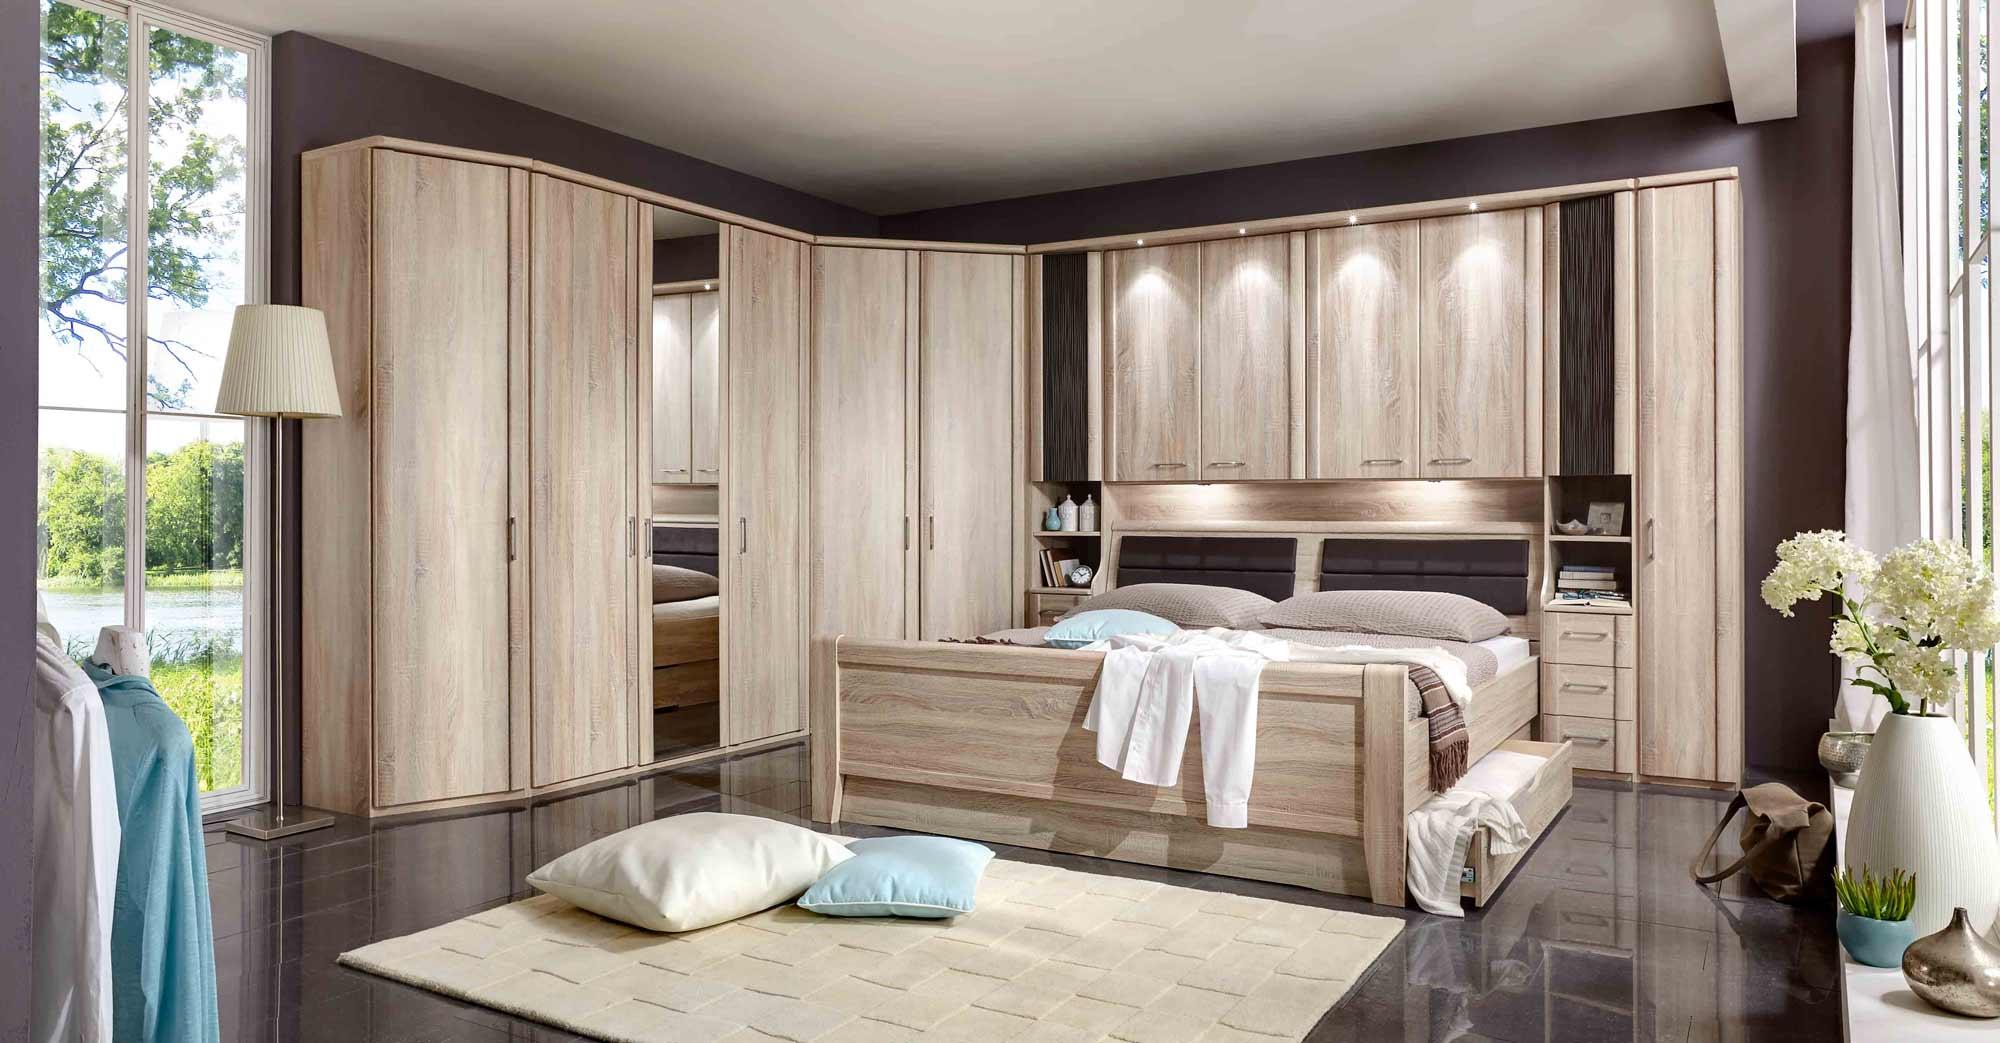 Full Size of Schlafzimmer überbau Berbau Bettbrcke Berbauschlafzimmer Eiche Sonoma Günstige Komplett Schränke Nolte Landhaus Wandlampe Deckenleuchten Deckenlampe Wohnzimmer Schlafzimmer überbau